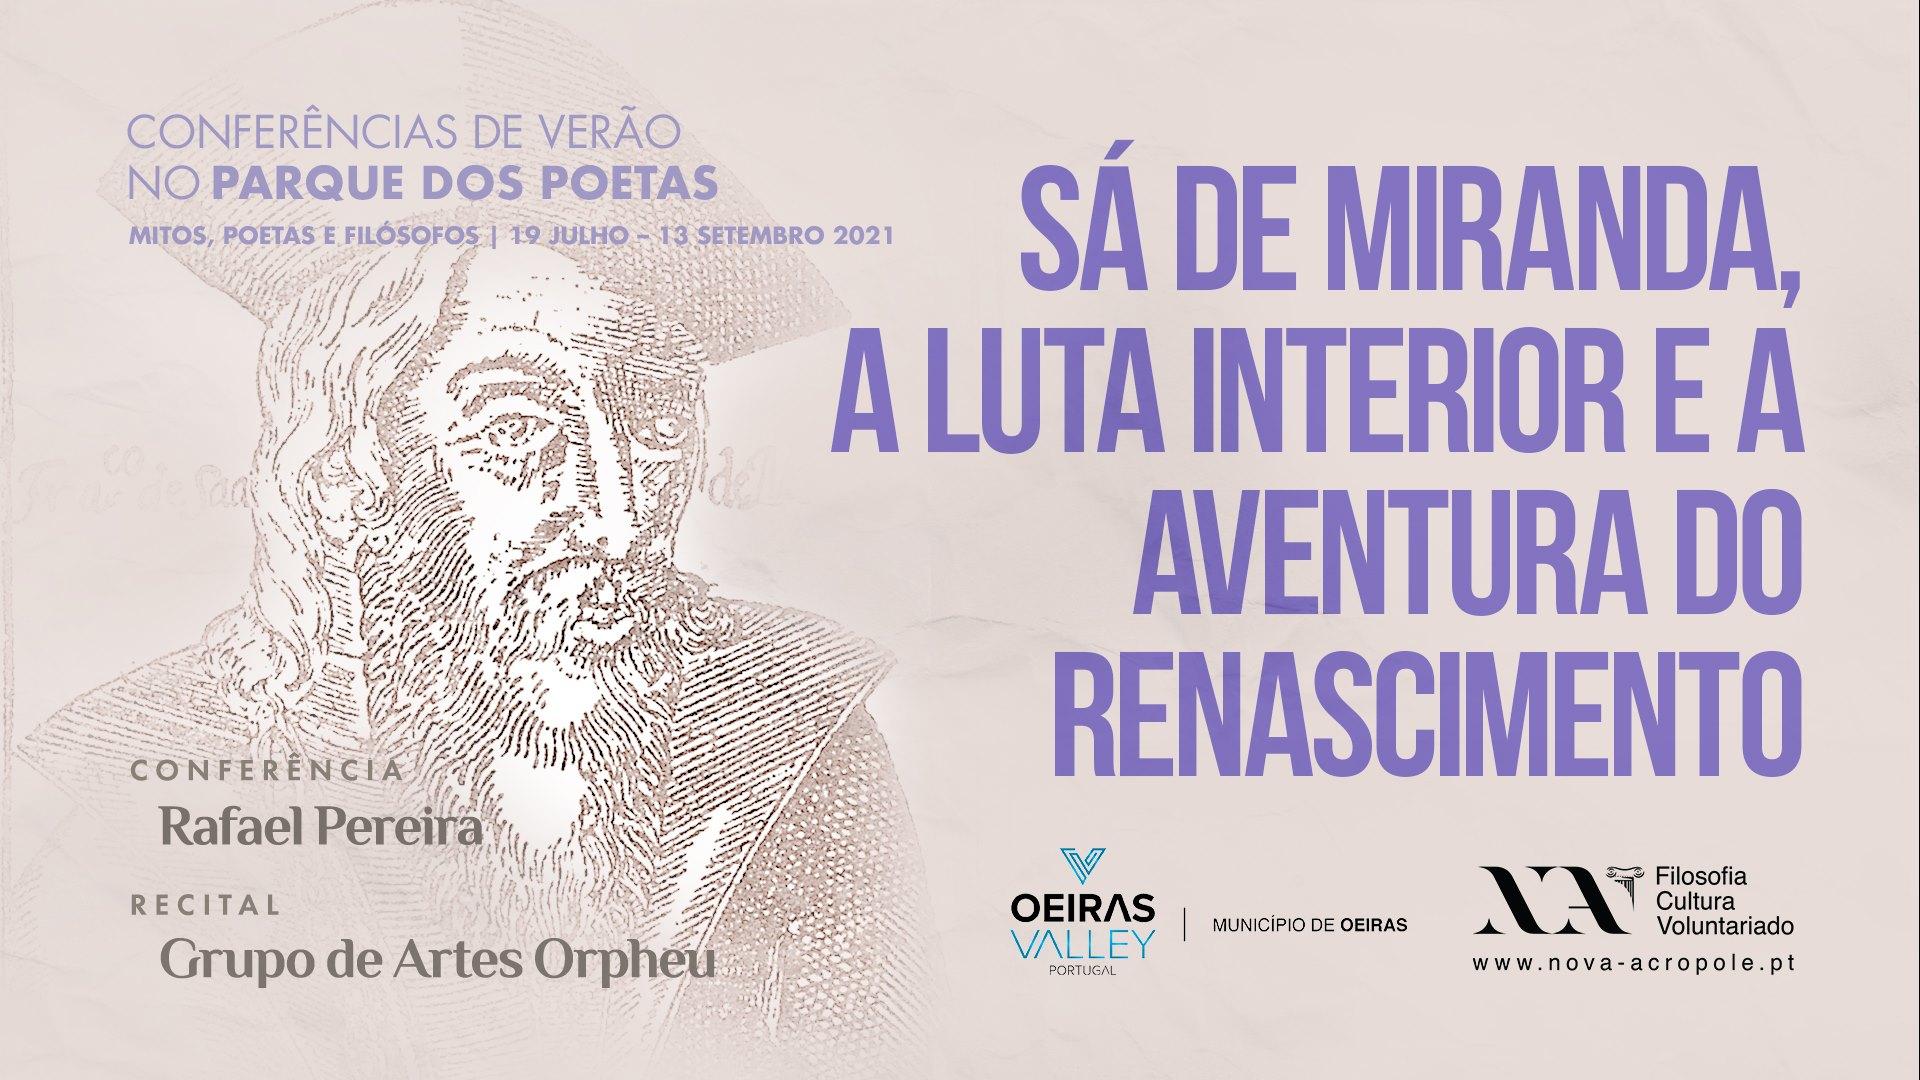 II Ciclo de Conferências de Verão: Sá de Miranda, a luta interior e a aventura do Renascimento